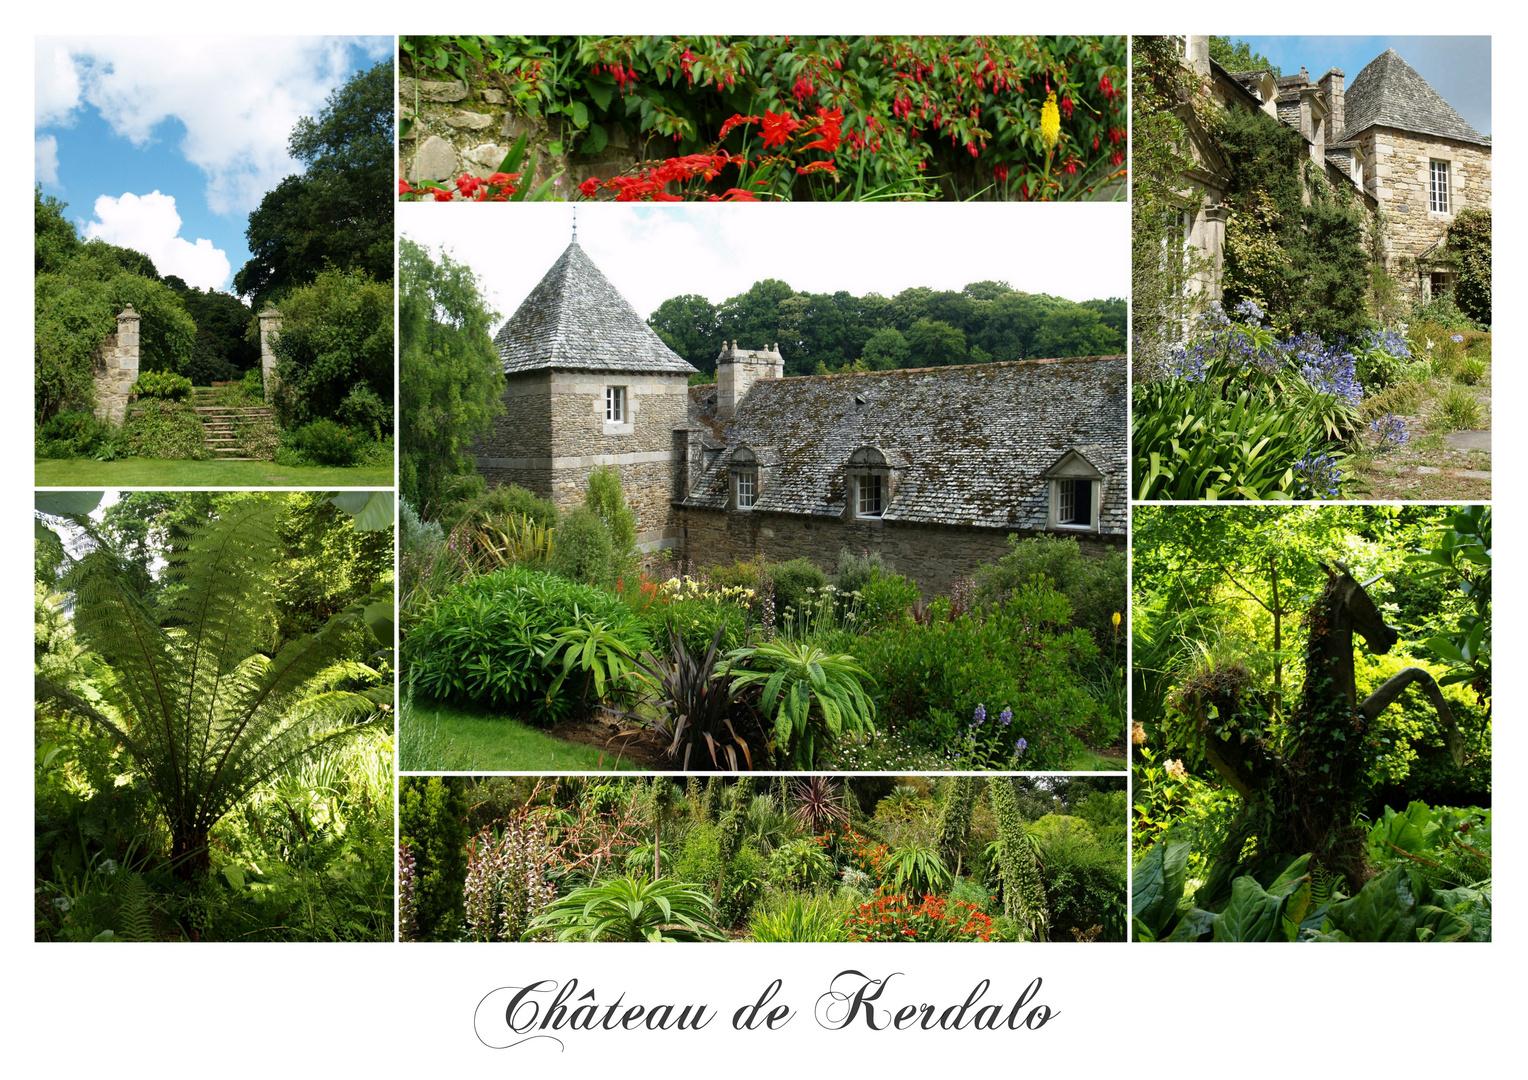 Château de Kerdalo